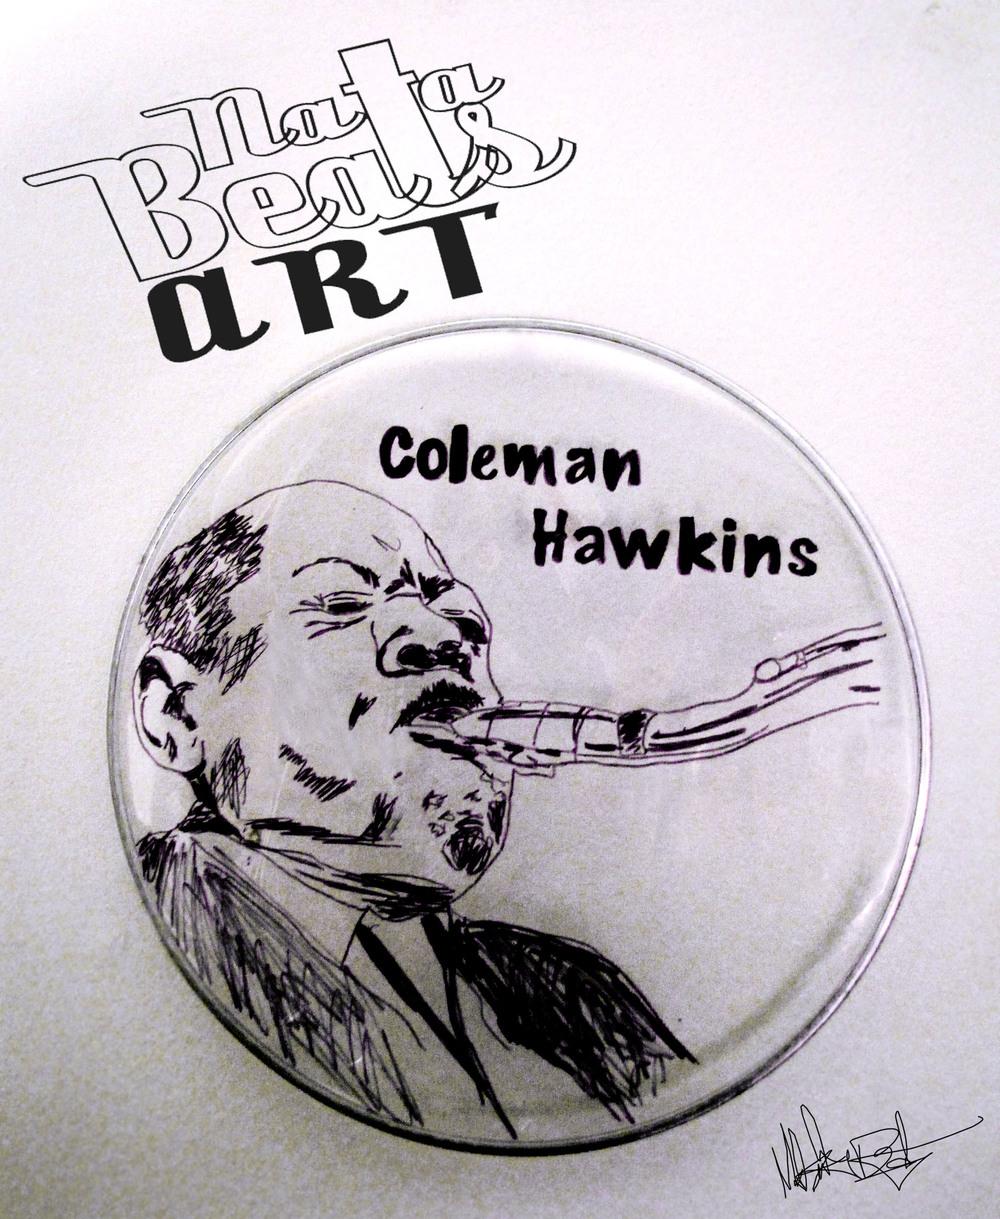 ColemanHawk.jpg